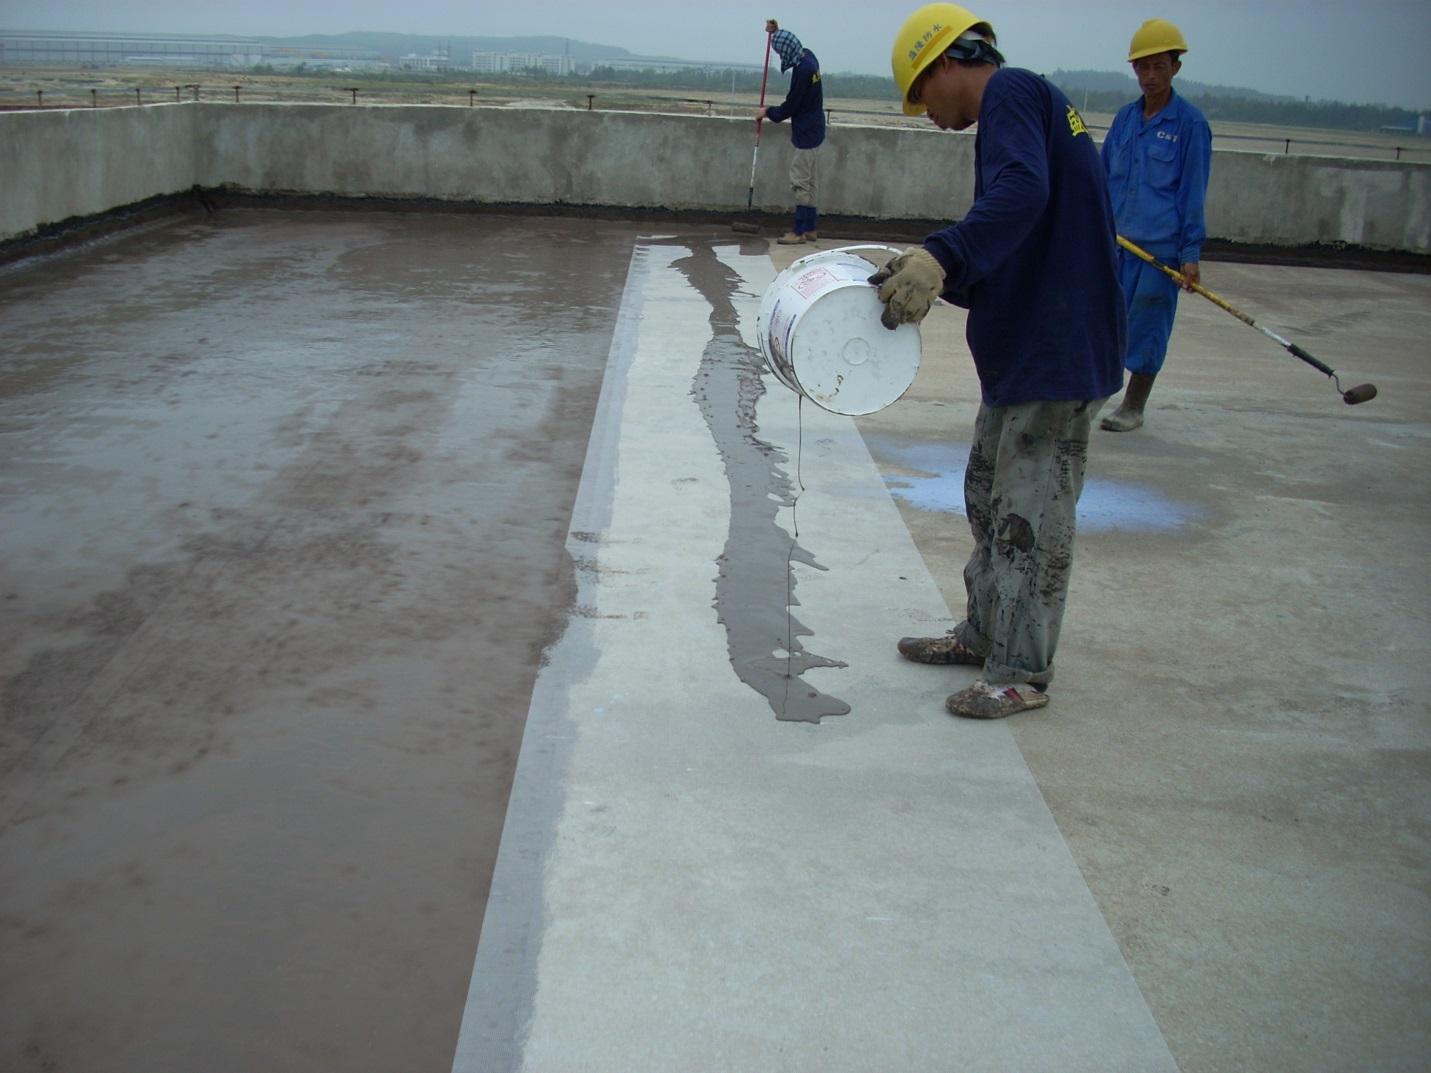 Thợ chống thấm, chống dột ở Cầu Giấy của Bảo Châu